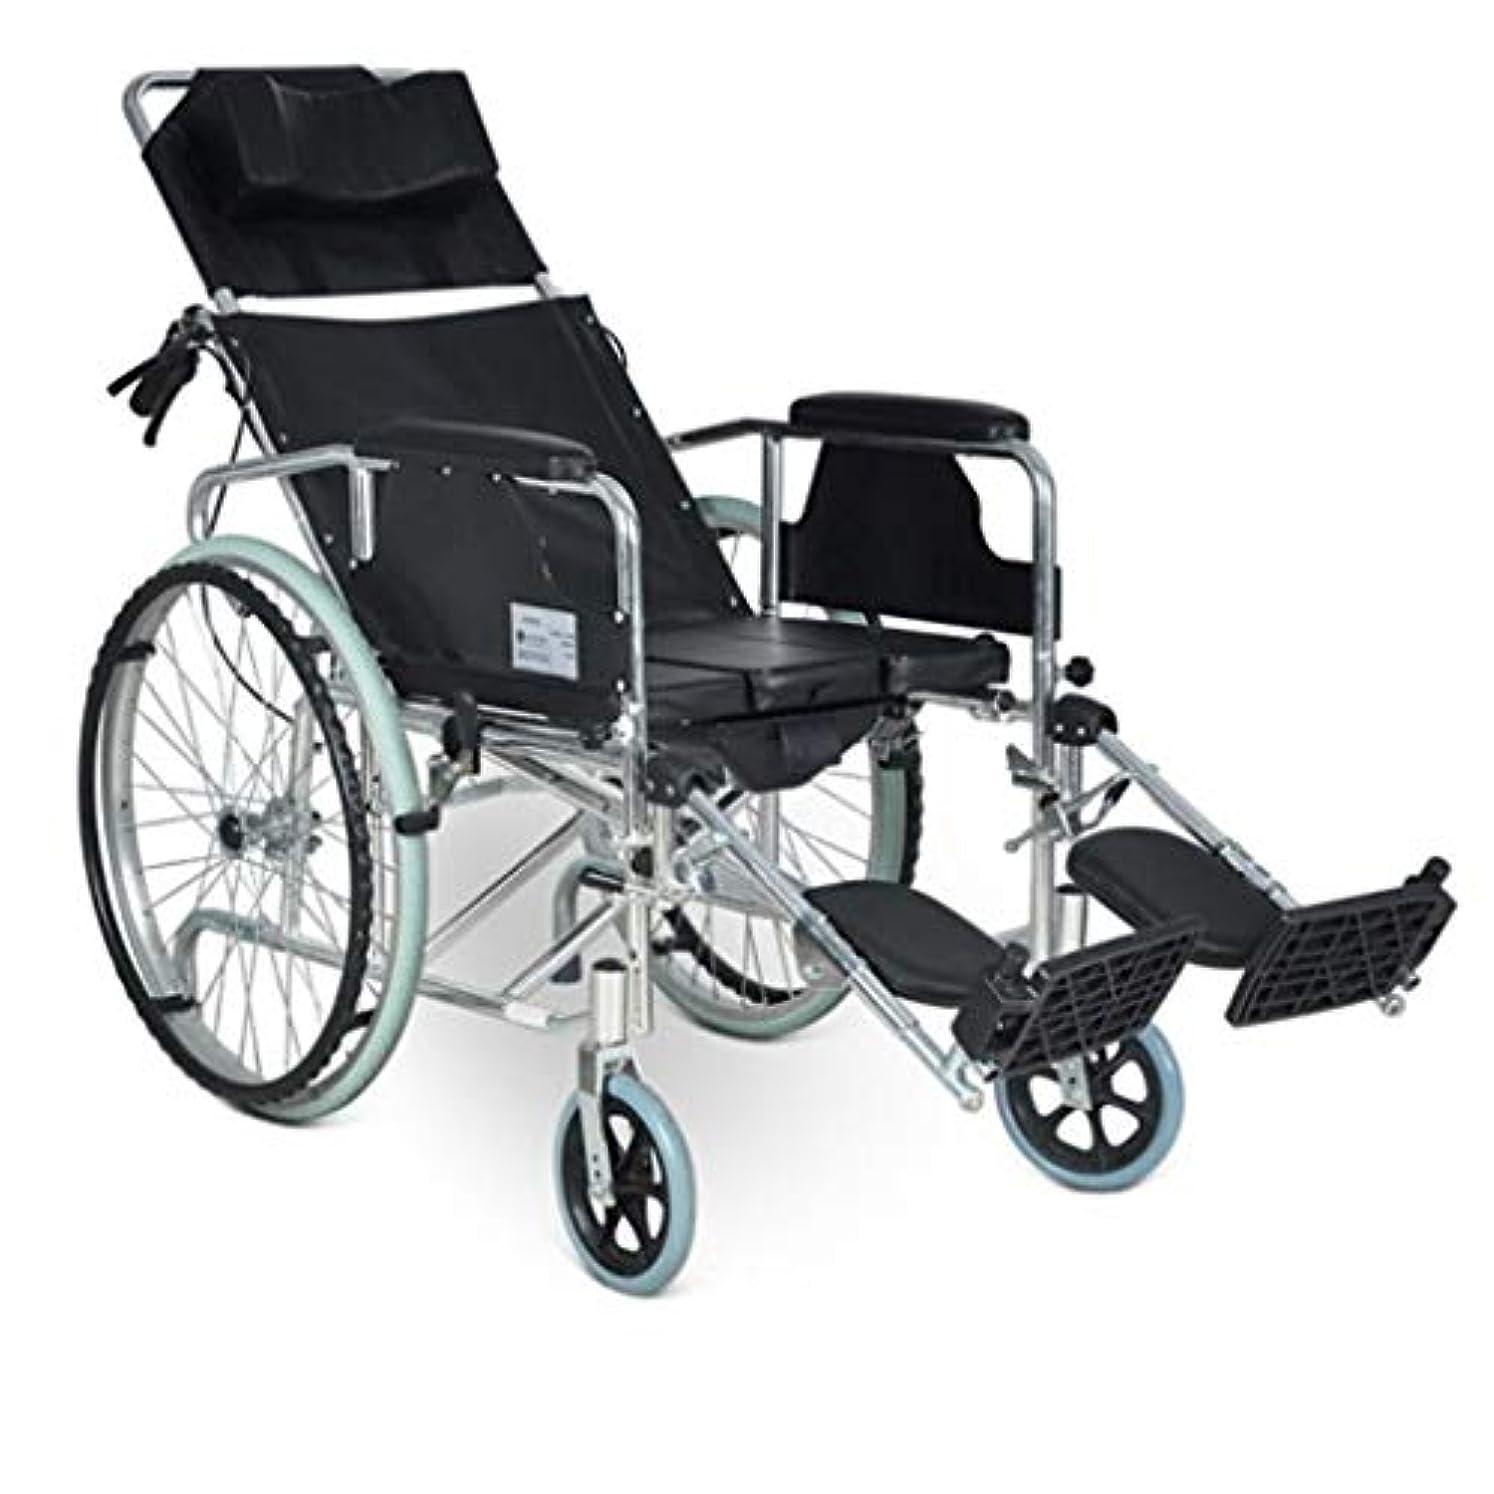 薬用に渡ってダッシュ車椅子トロリー4ブレーキデザイン、フルリクライニング折りたたみ車椅子、高齢者用多目的ワゴン